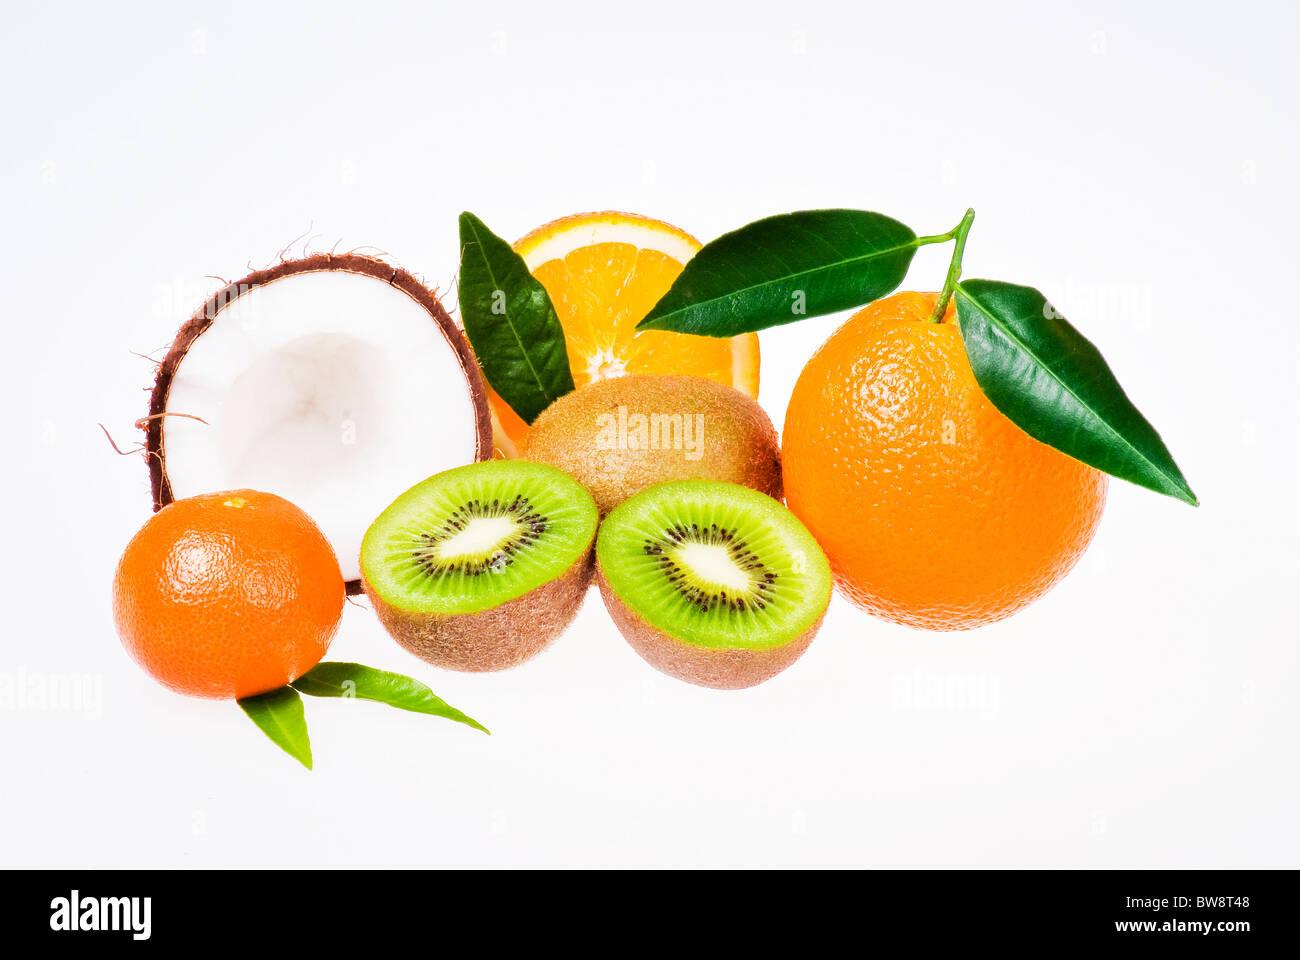 Fresh exotic fruits over white background - Stock Image